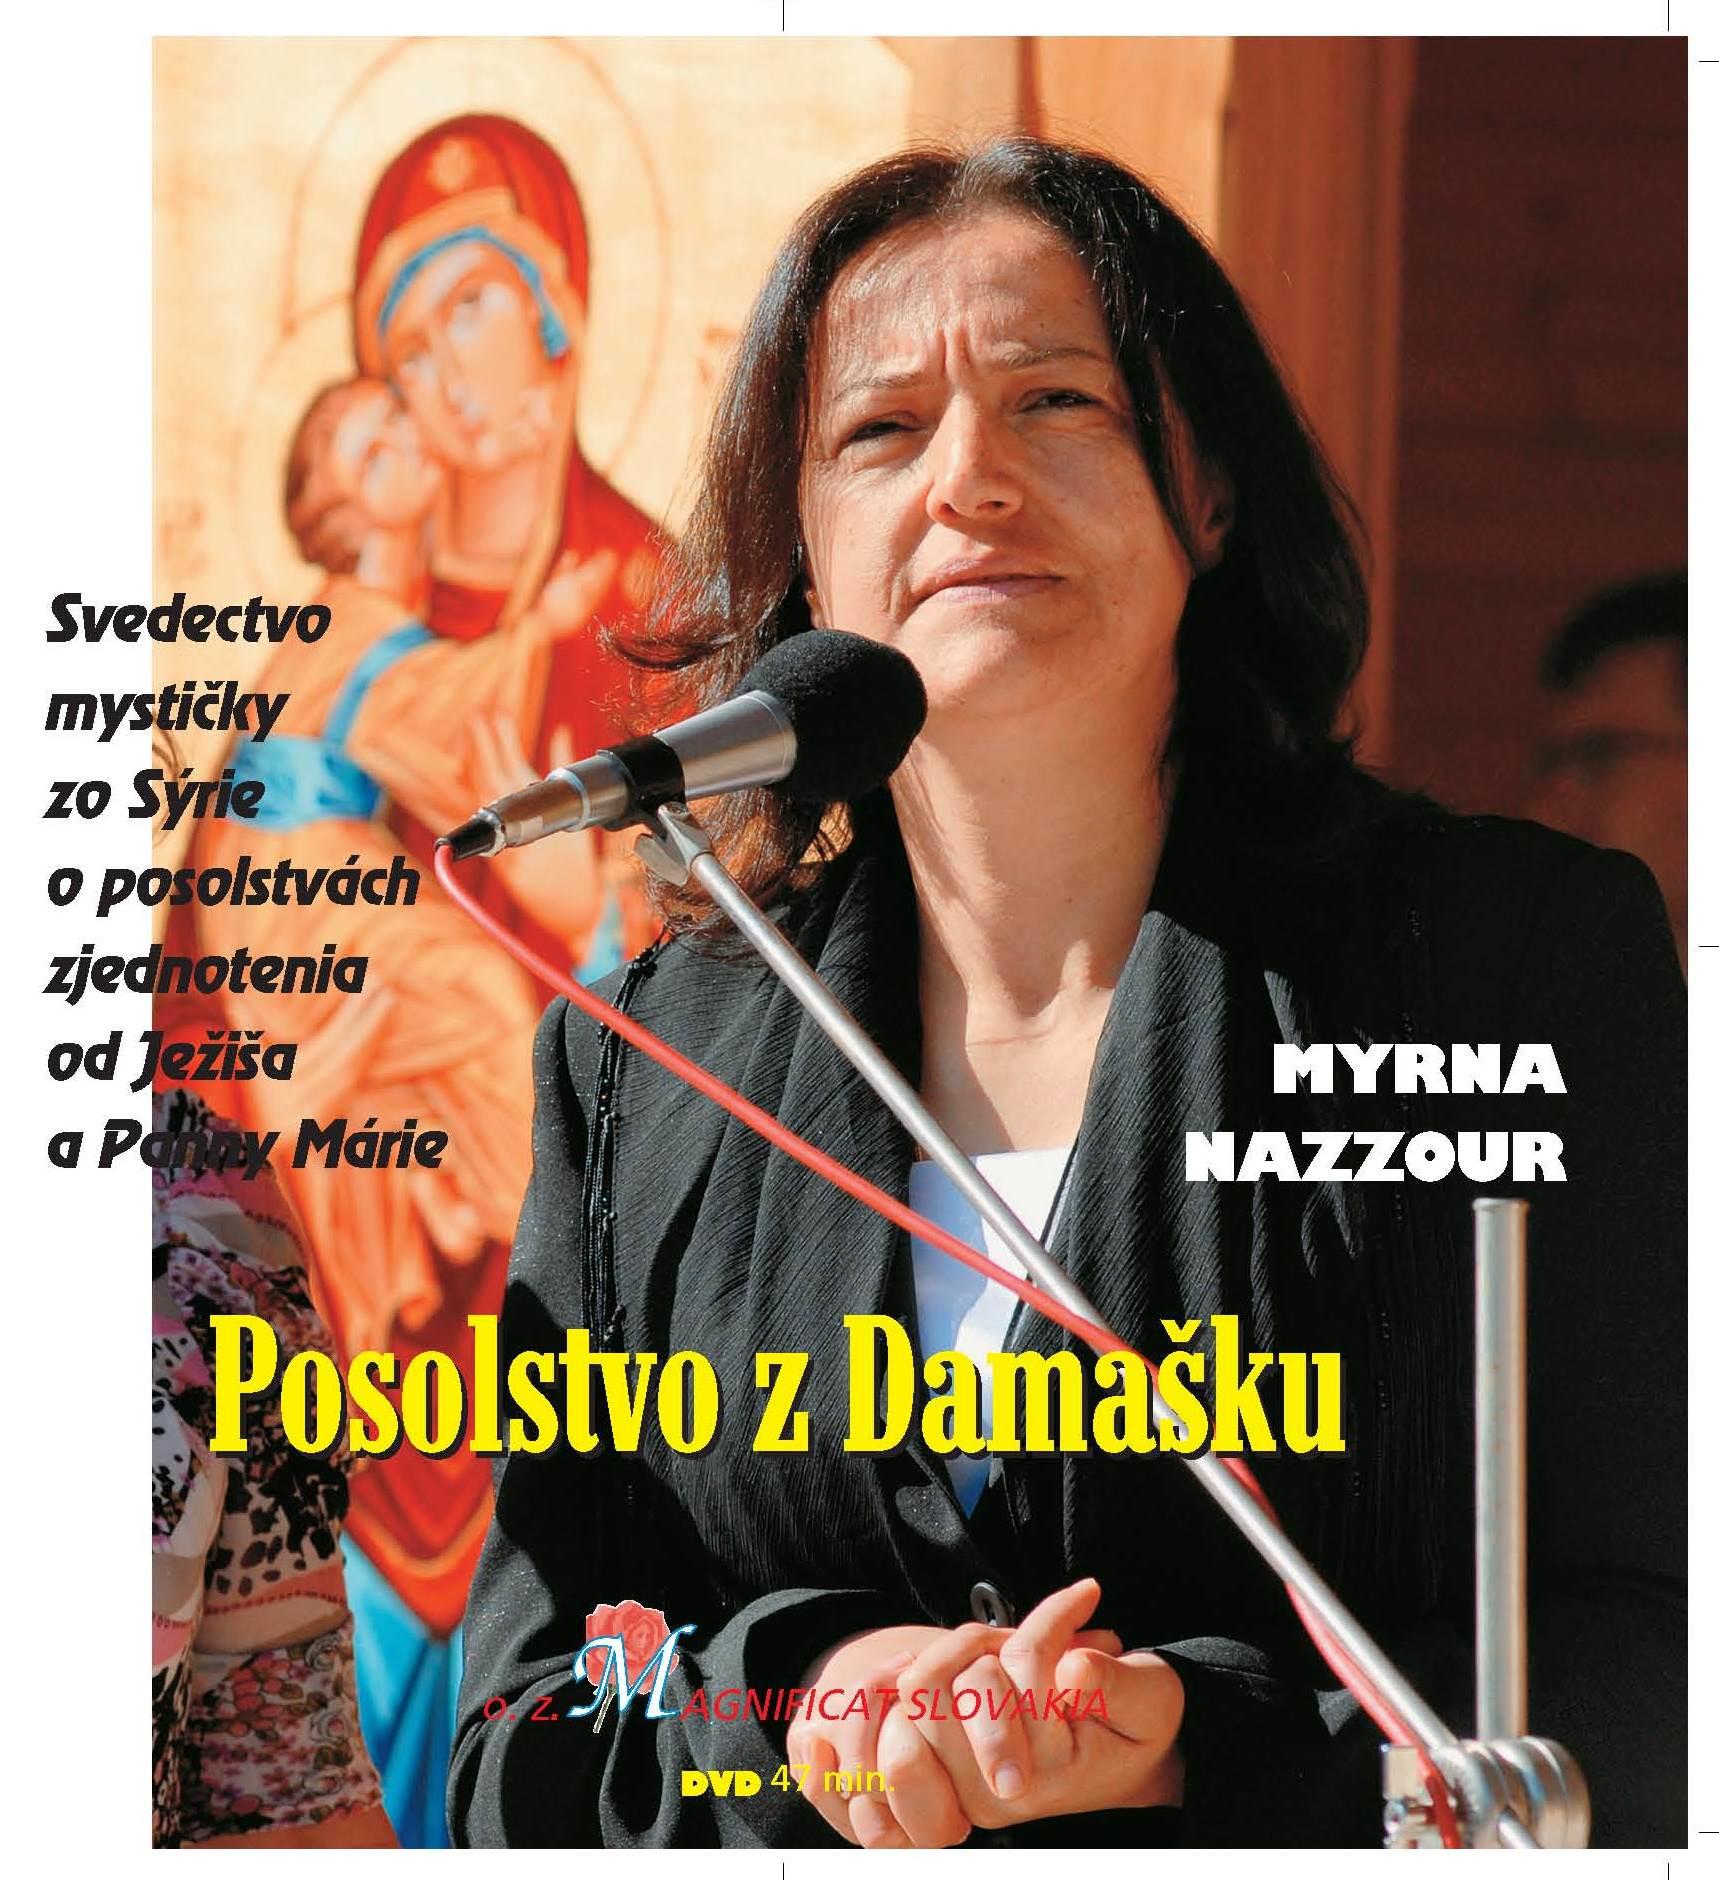 http://www.magnificat.sk/wp-content/uploads/2011/09/MyrnaDVD.jpg